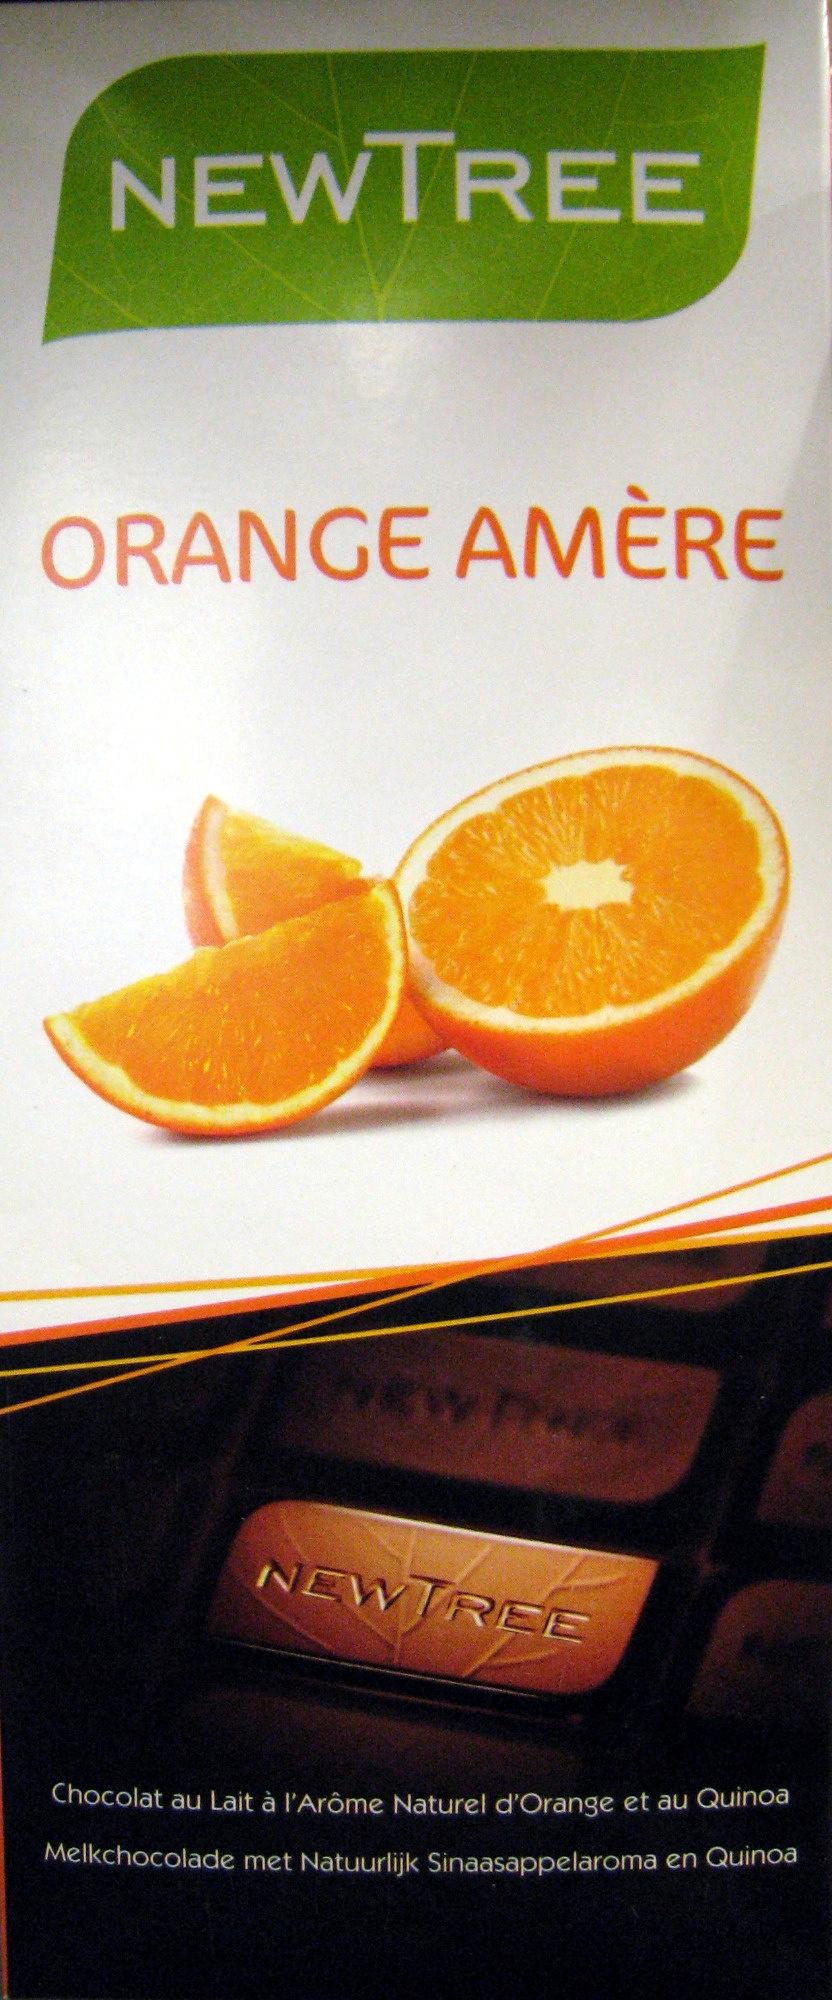 Chocolat Orange amère NewTree - Producto